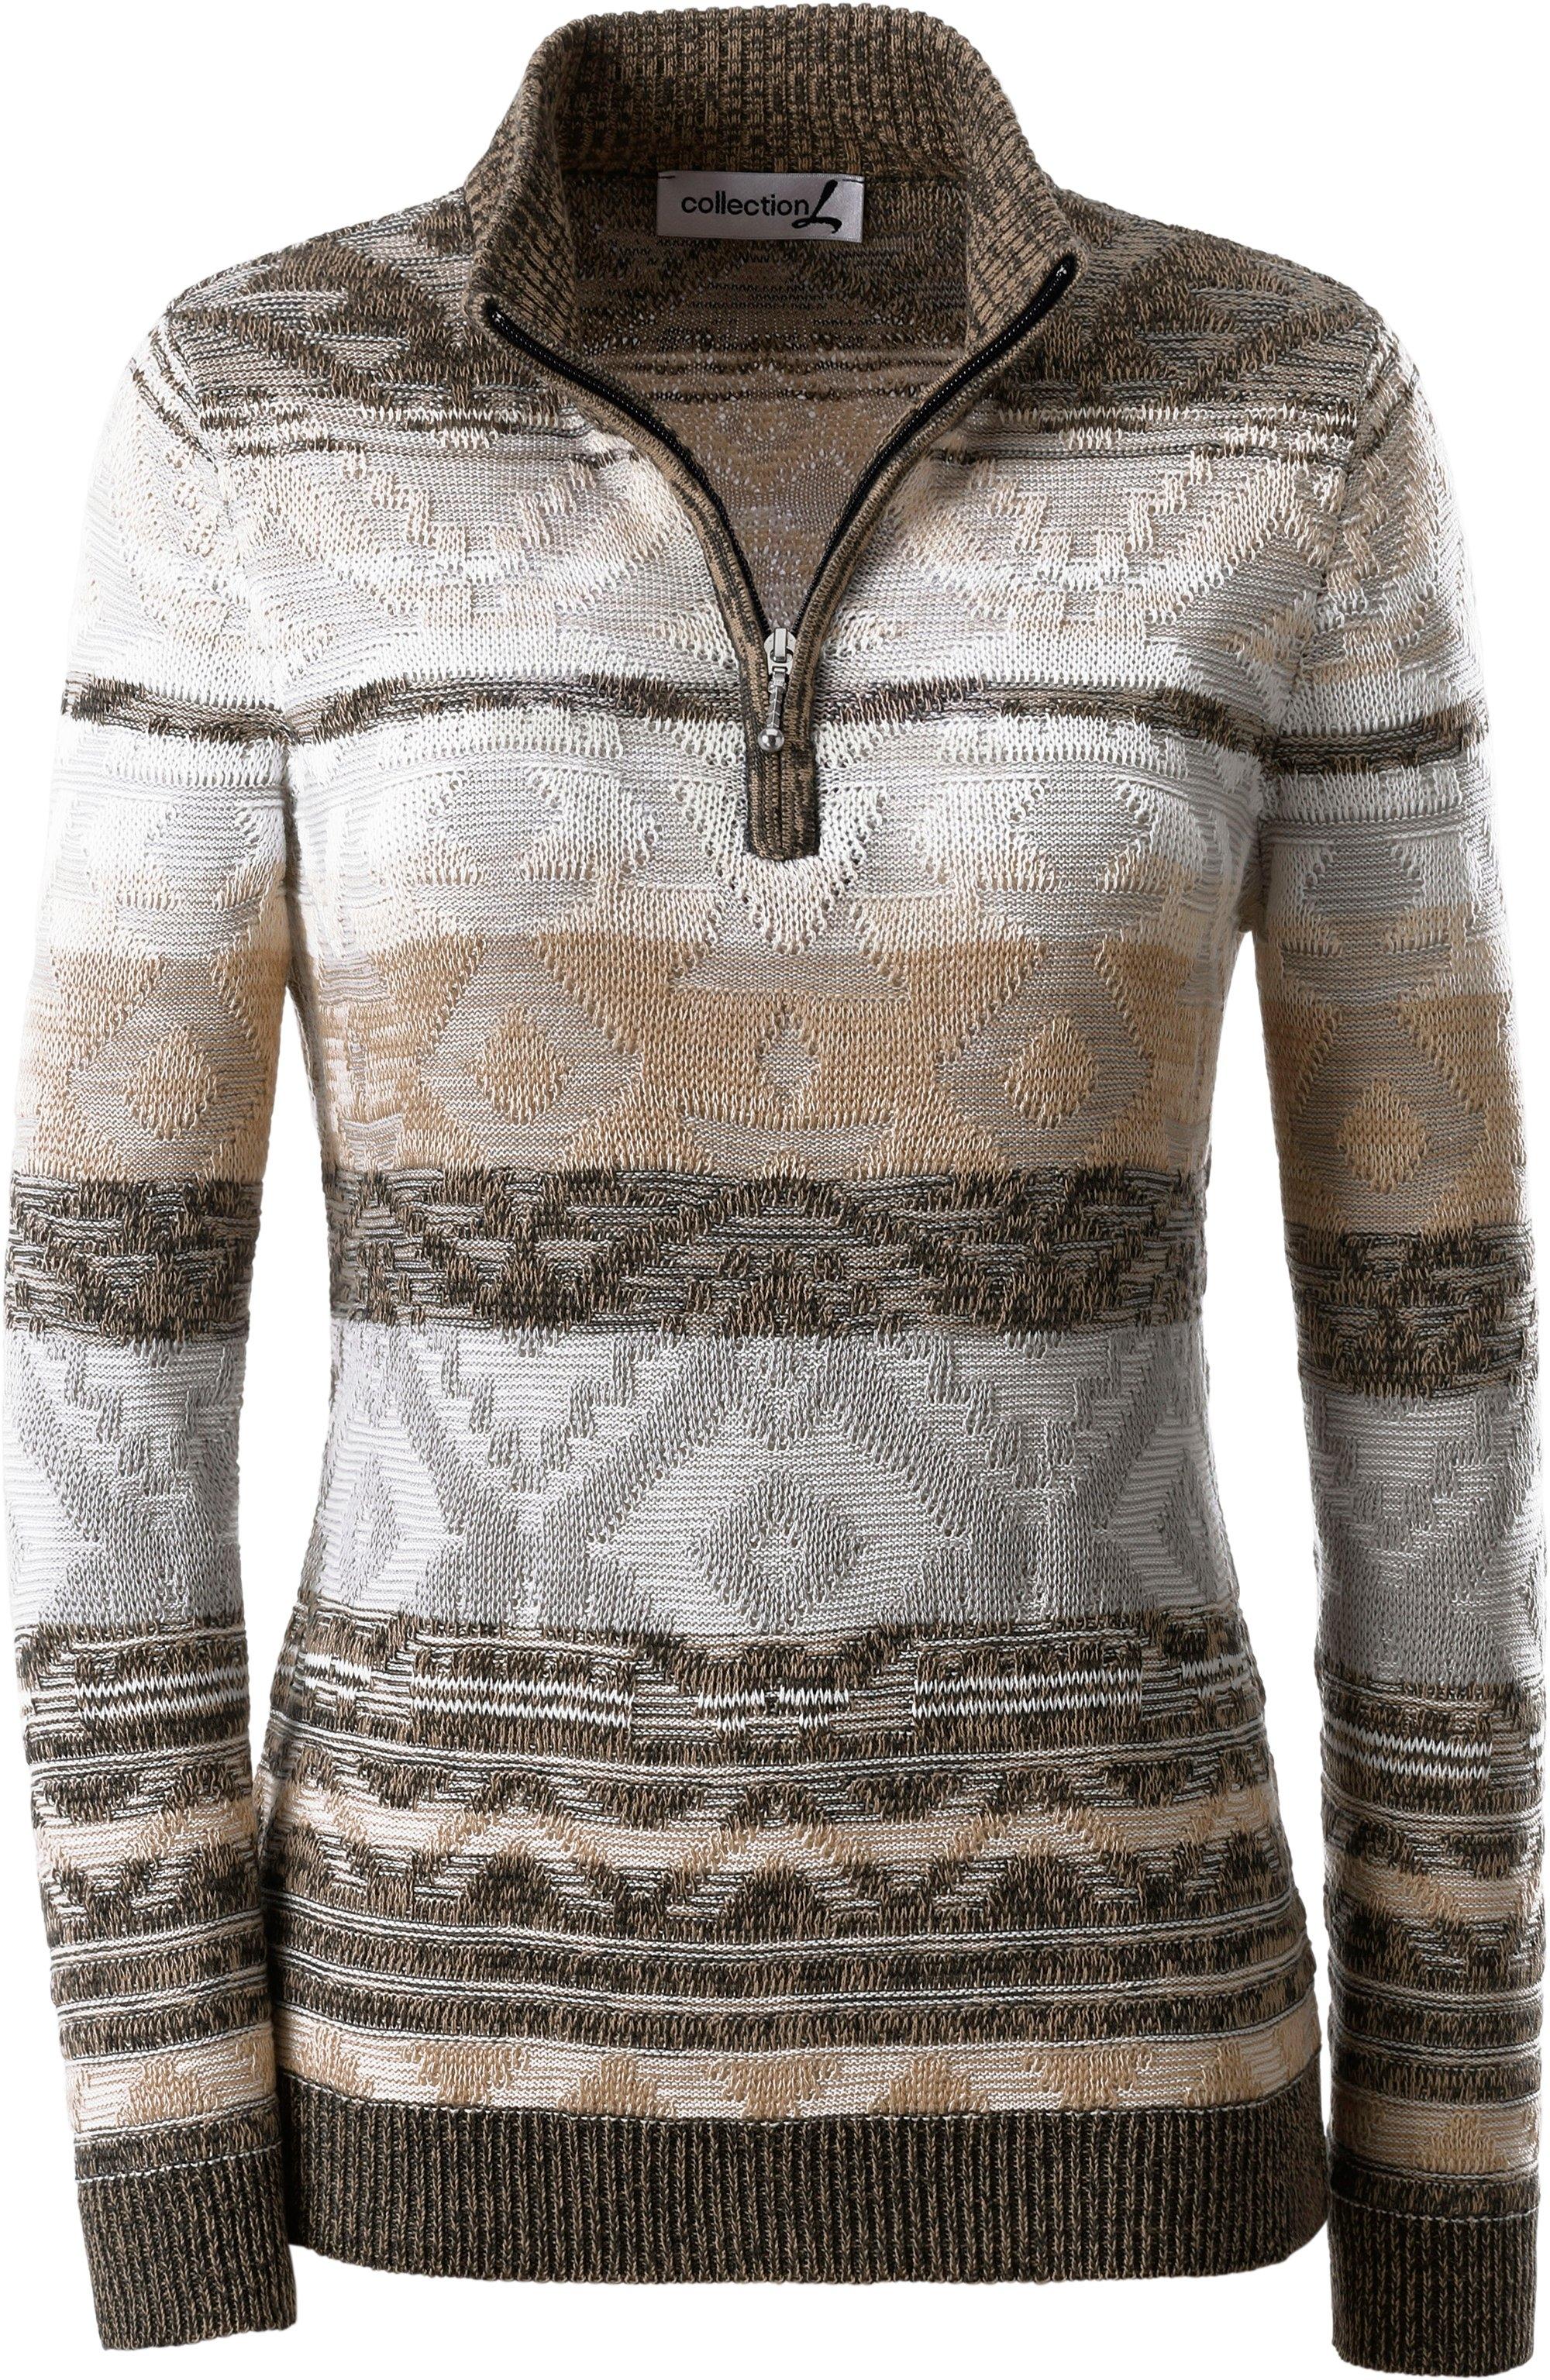 Collection L. trui met aantrekkelijk intarsiamotief bestellen: 14 dagen bedenktijd